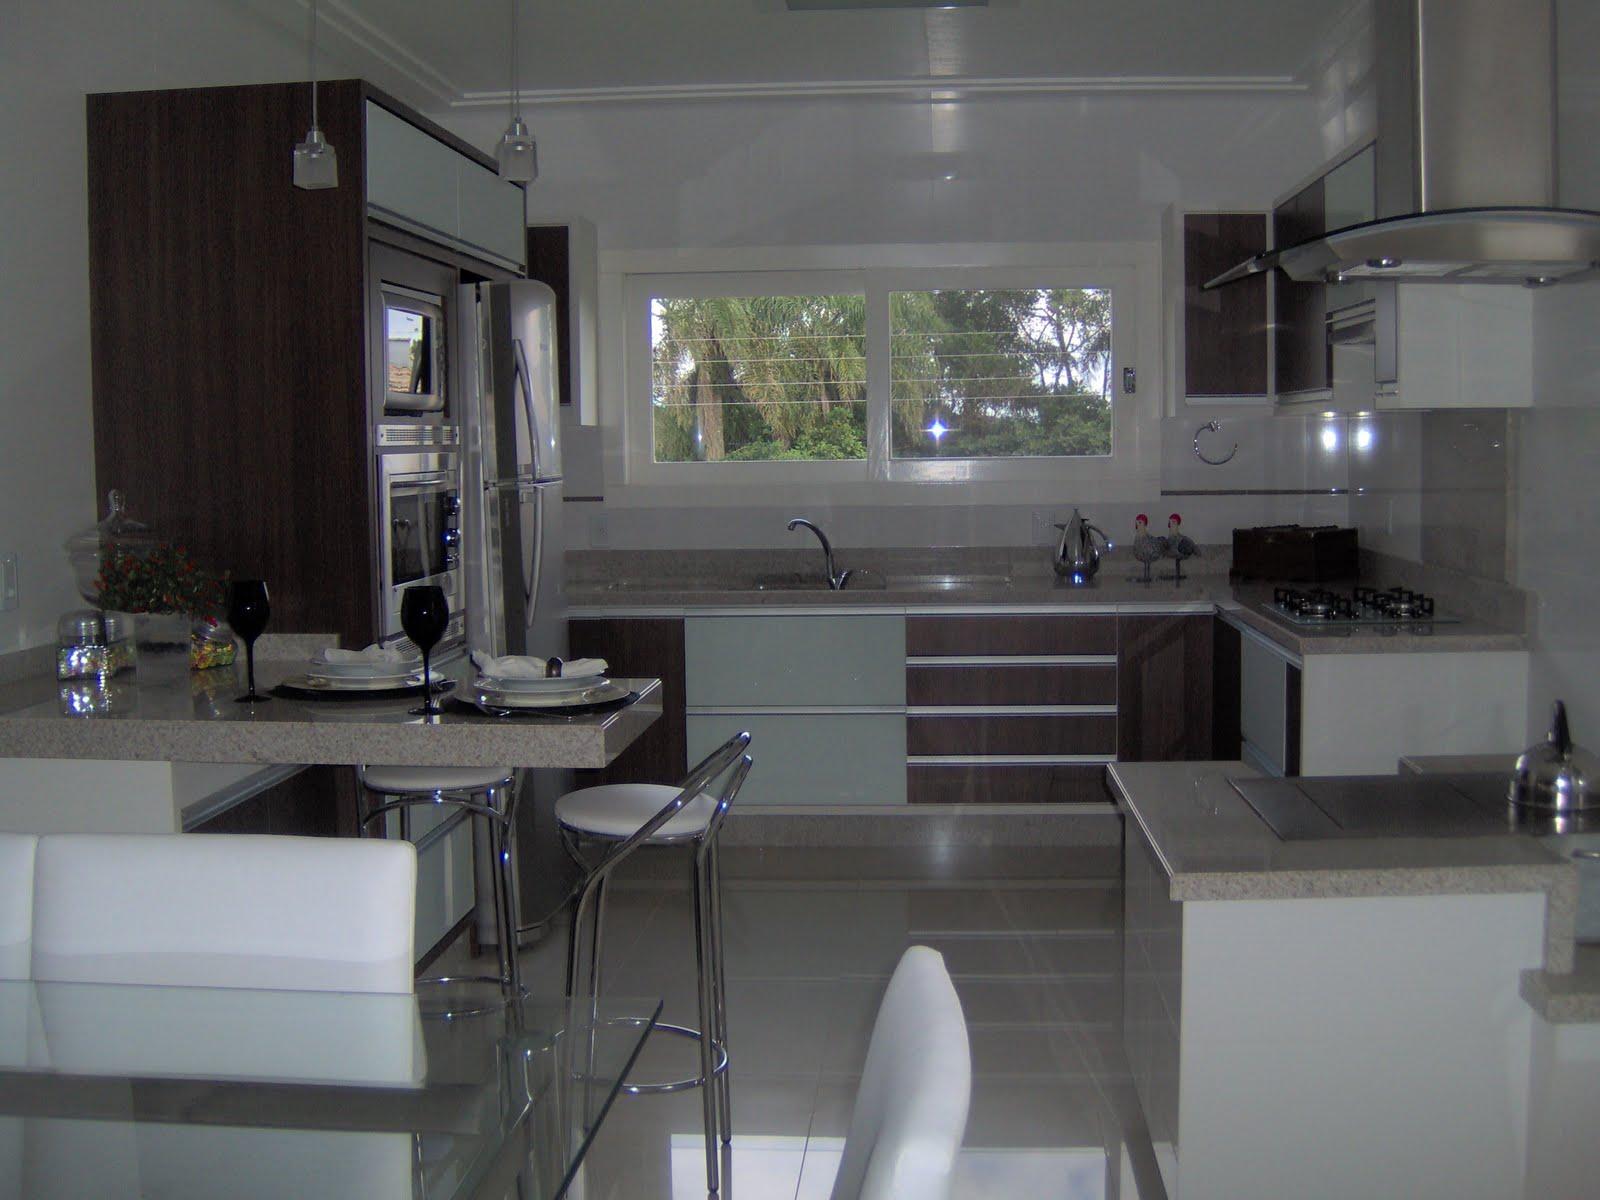 #596172 quarta feira 30 de maio de 2012 1600x1200 px Projetos De Cozinhas Conjugadas Com Copa #489 imagens